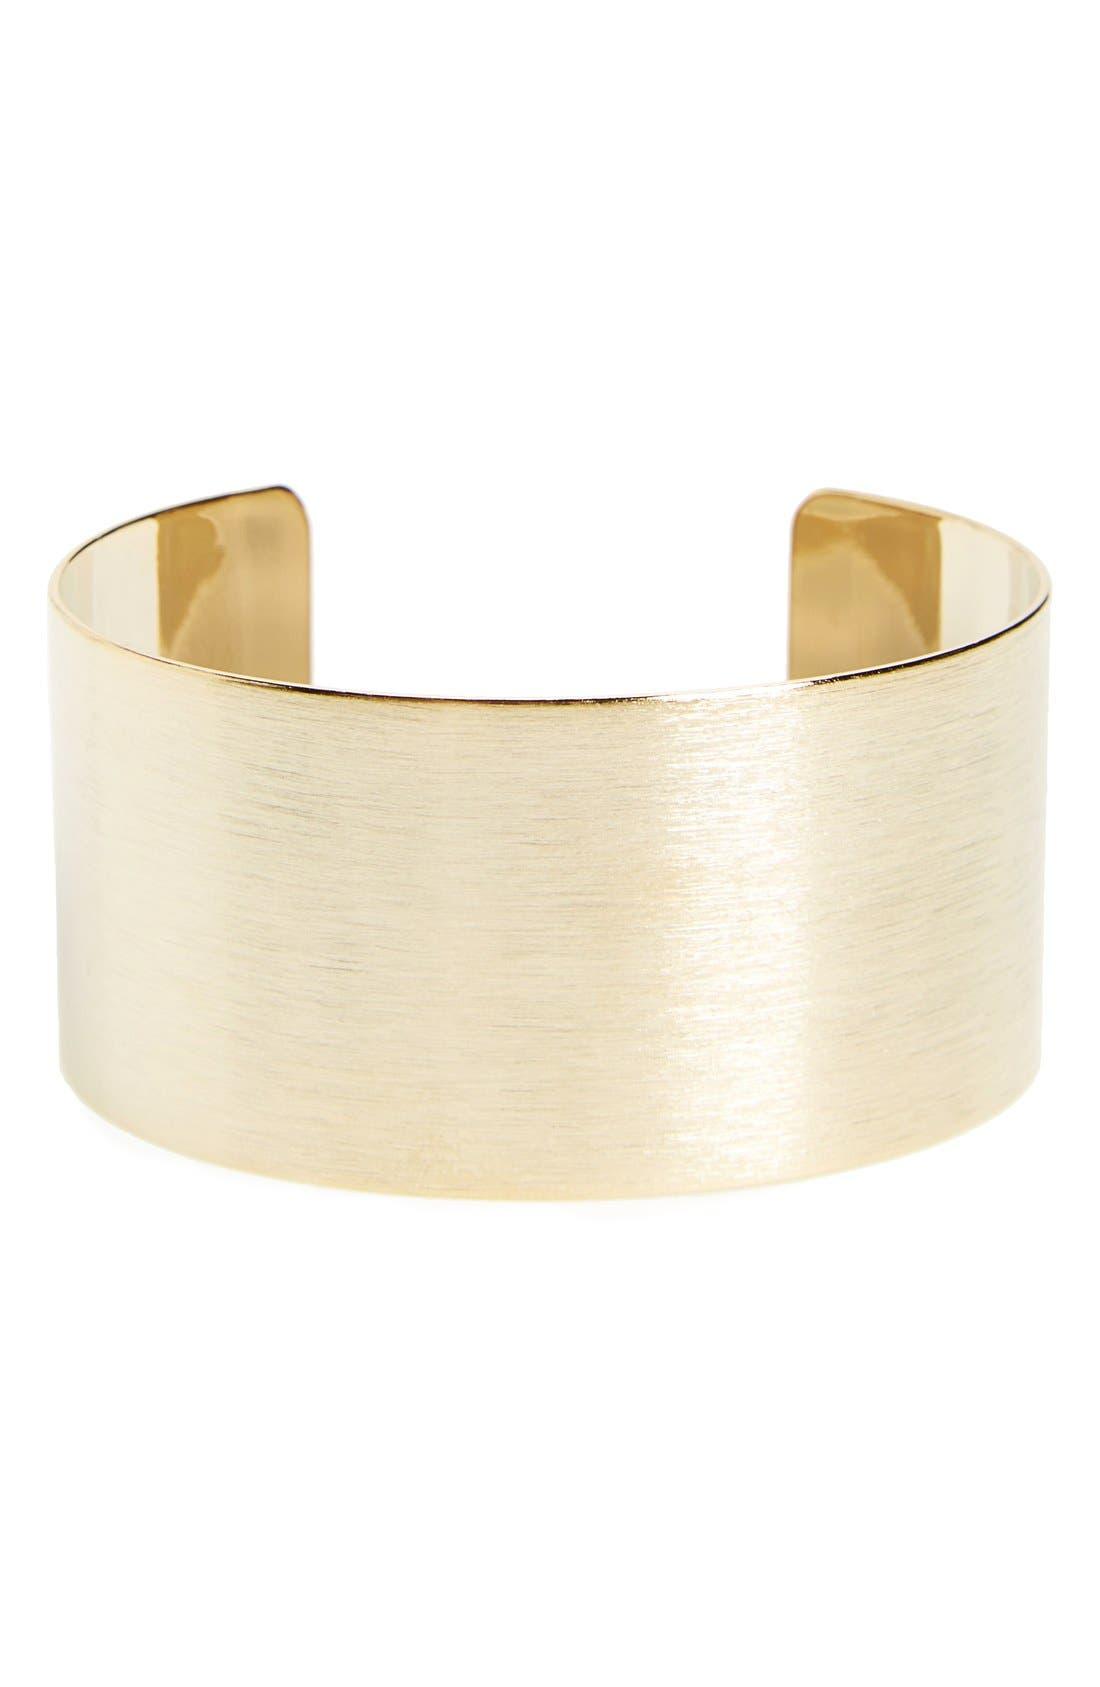 Main Image - Panacea Brushed Cuff Bracelet